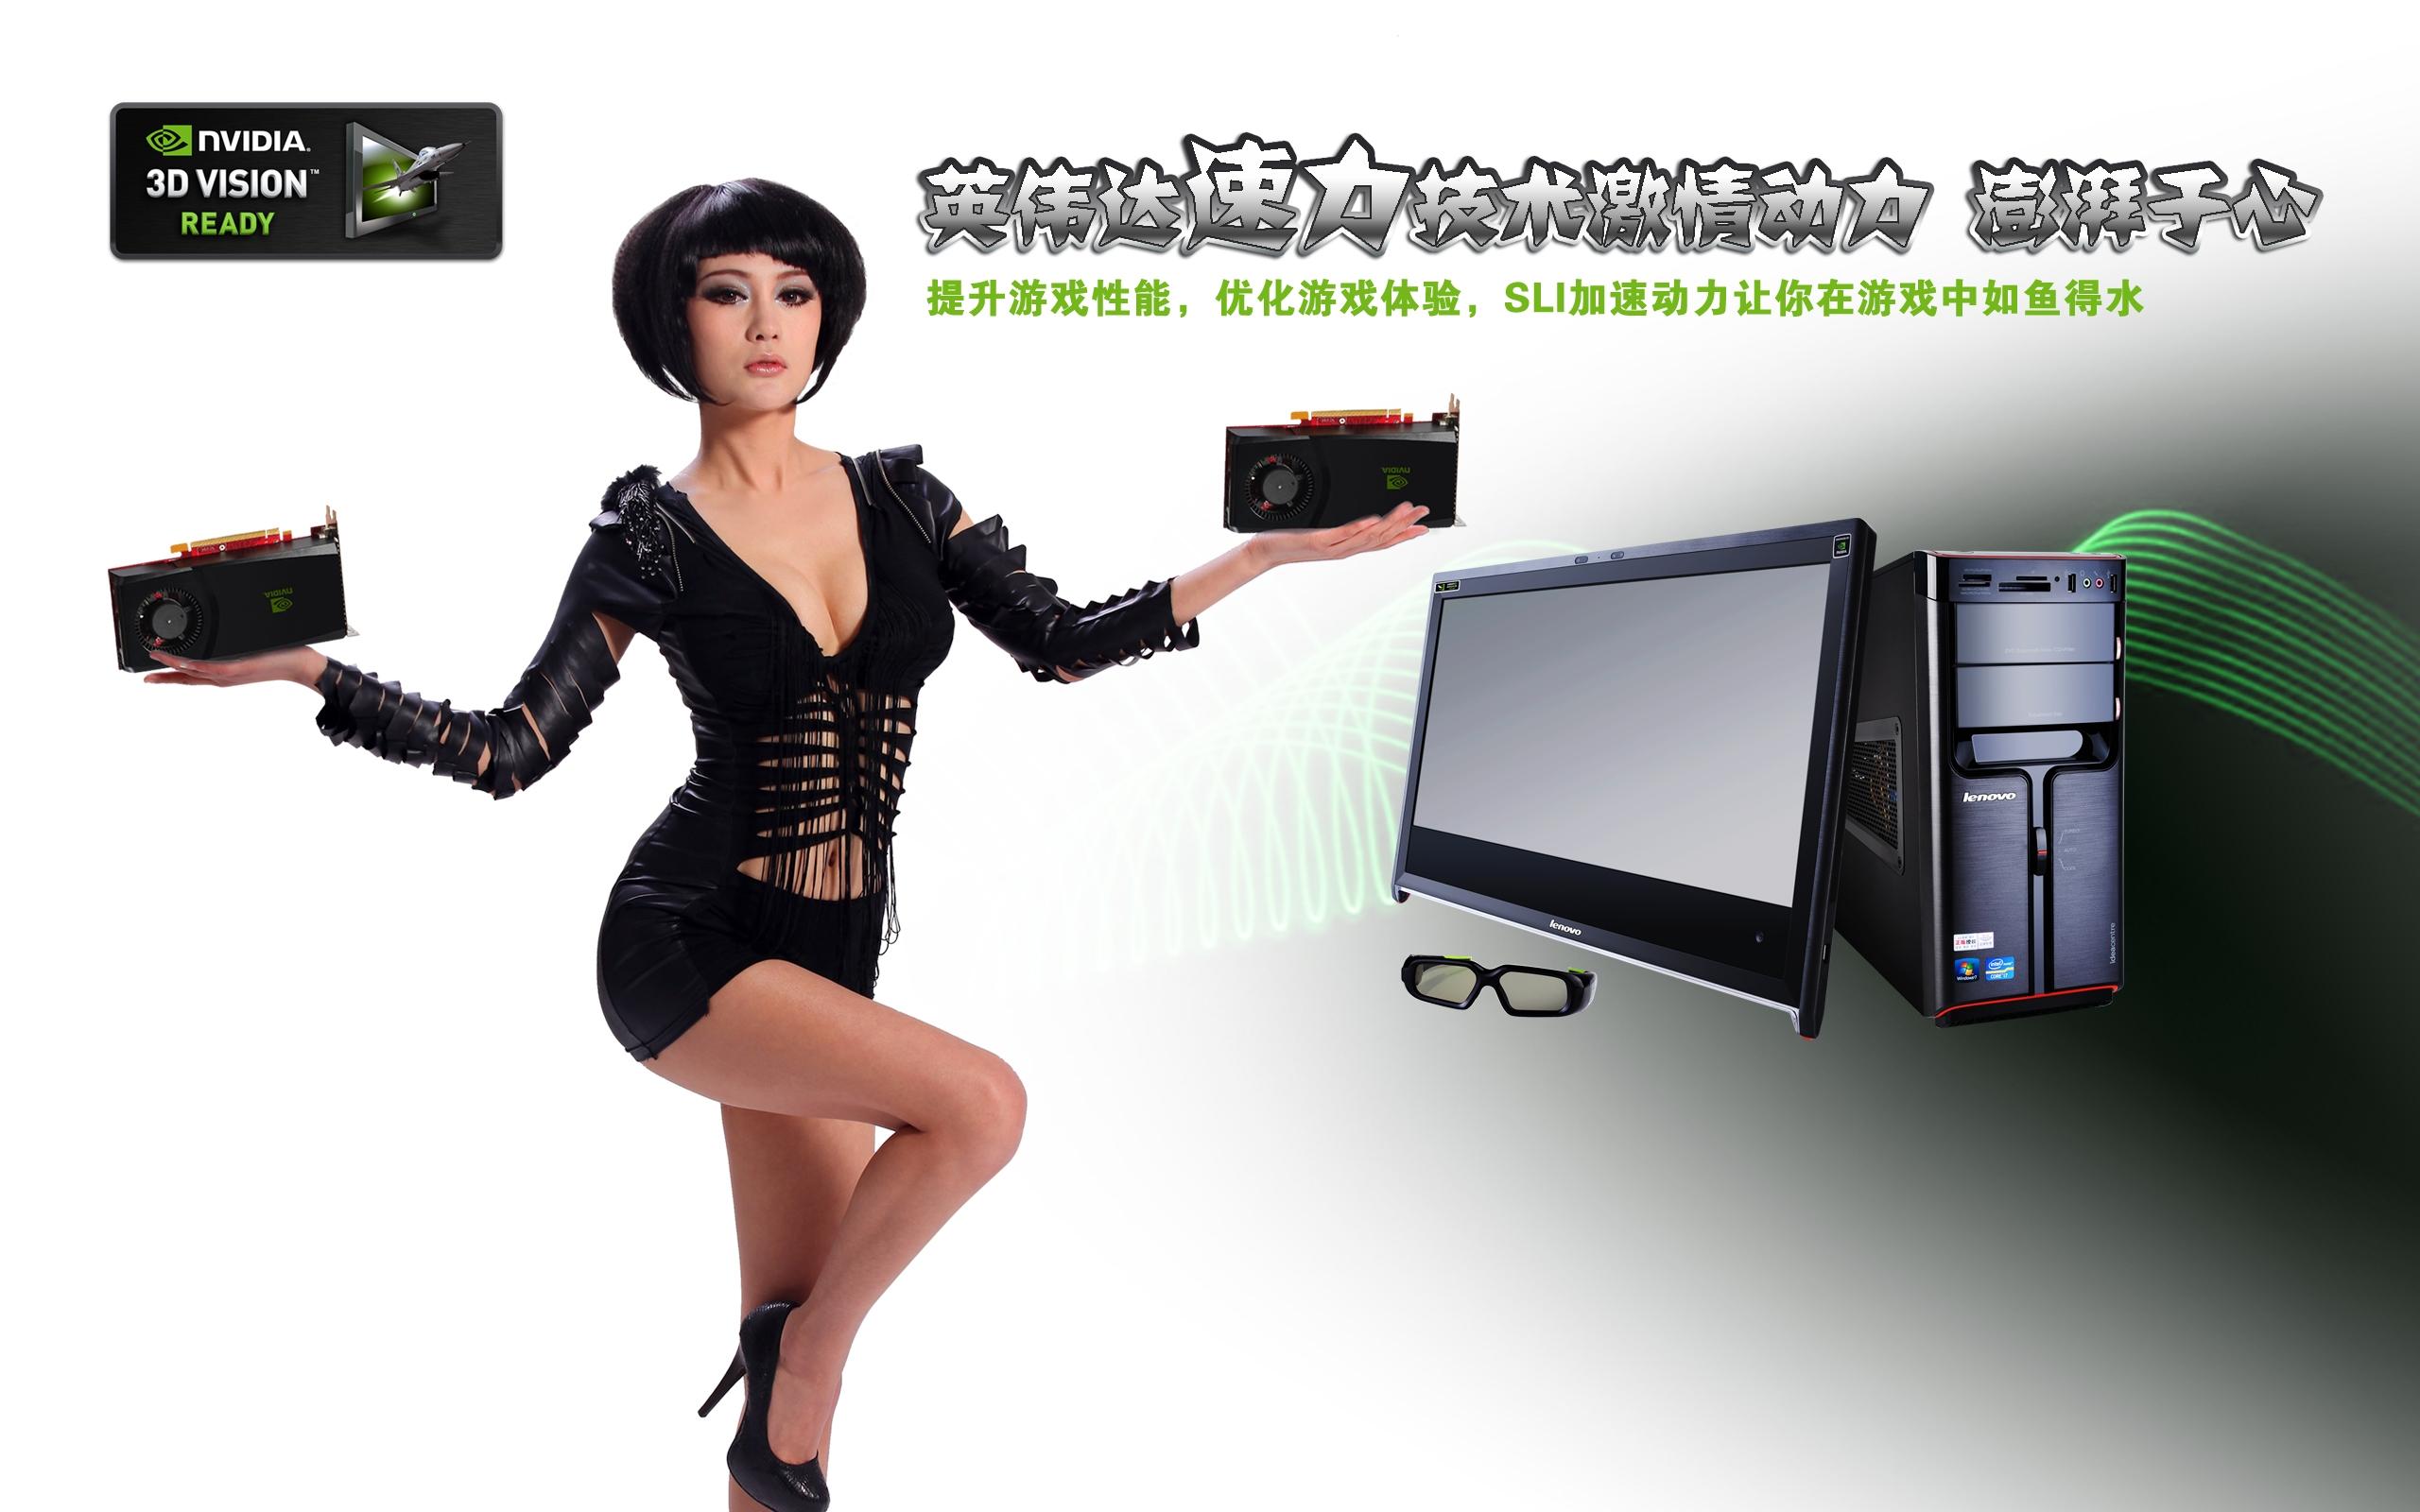 联想笔记本美女壁纸,桌面壁纸图片下载,高清电脑桌面壁纸 高清图片